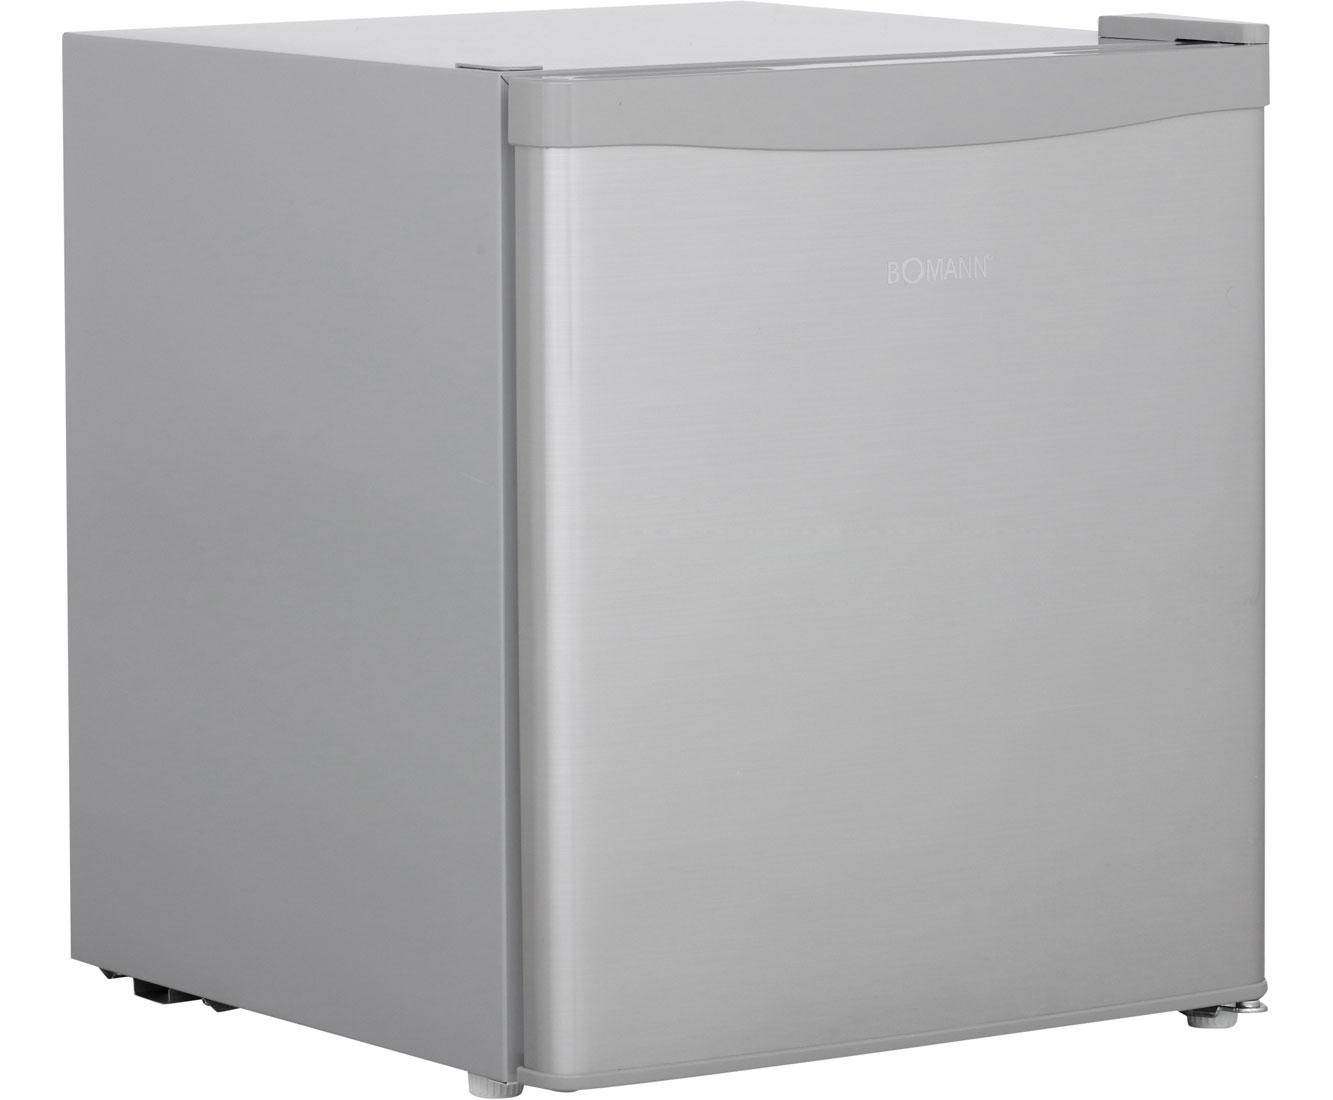 Mini Kühlschrank Mit Gefrierfach 48 L A Gefrierschrank Kühlbox Kühler Hotel : Mini kühlschrank mit gefrierfach l a gefrierschrank kühlbox